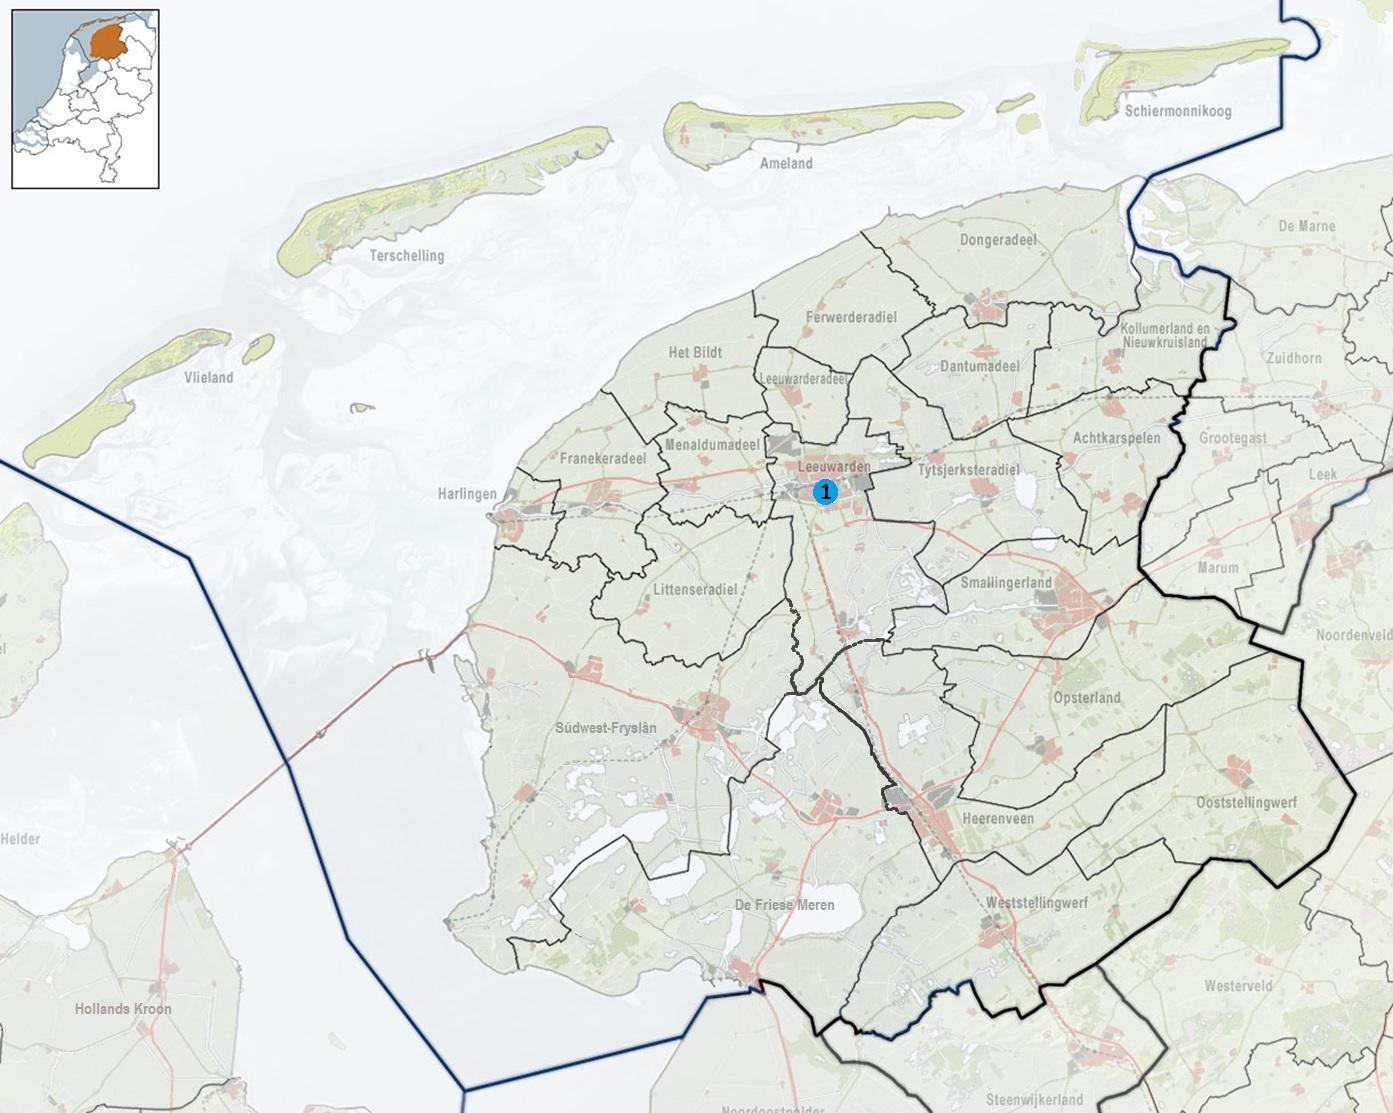 2010-NL-P02-Fryslan-positiekaart-gemnamen